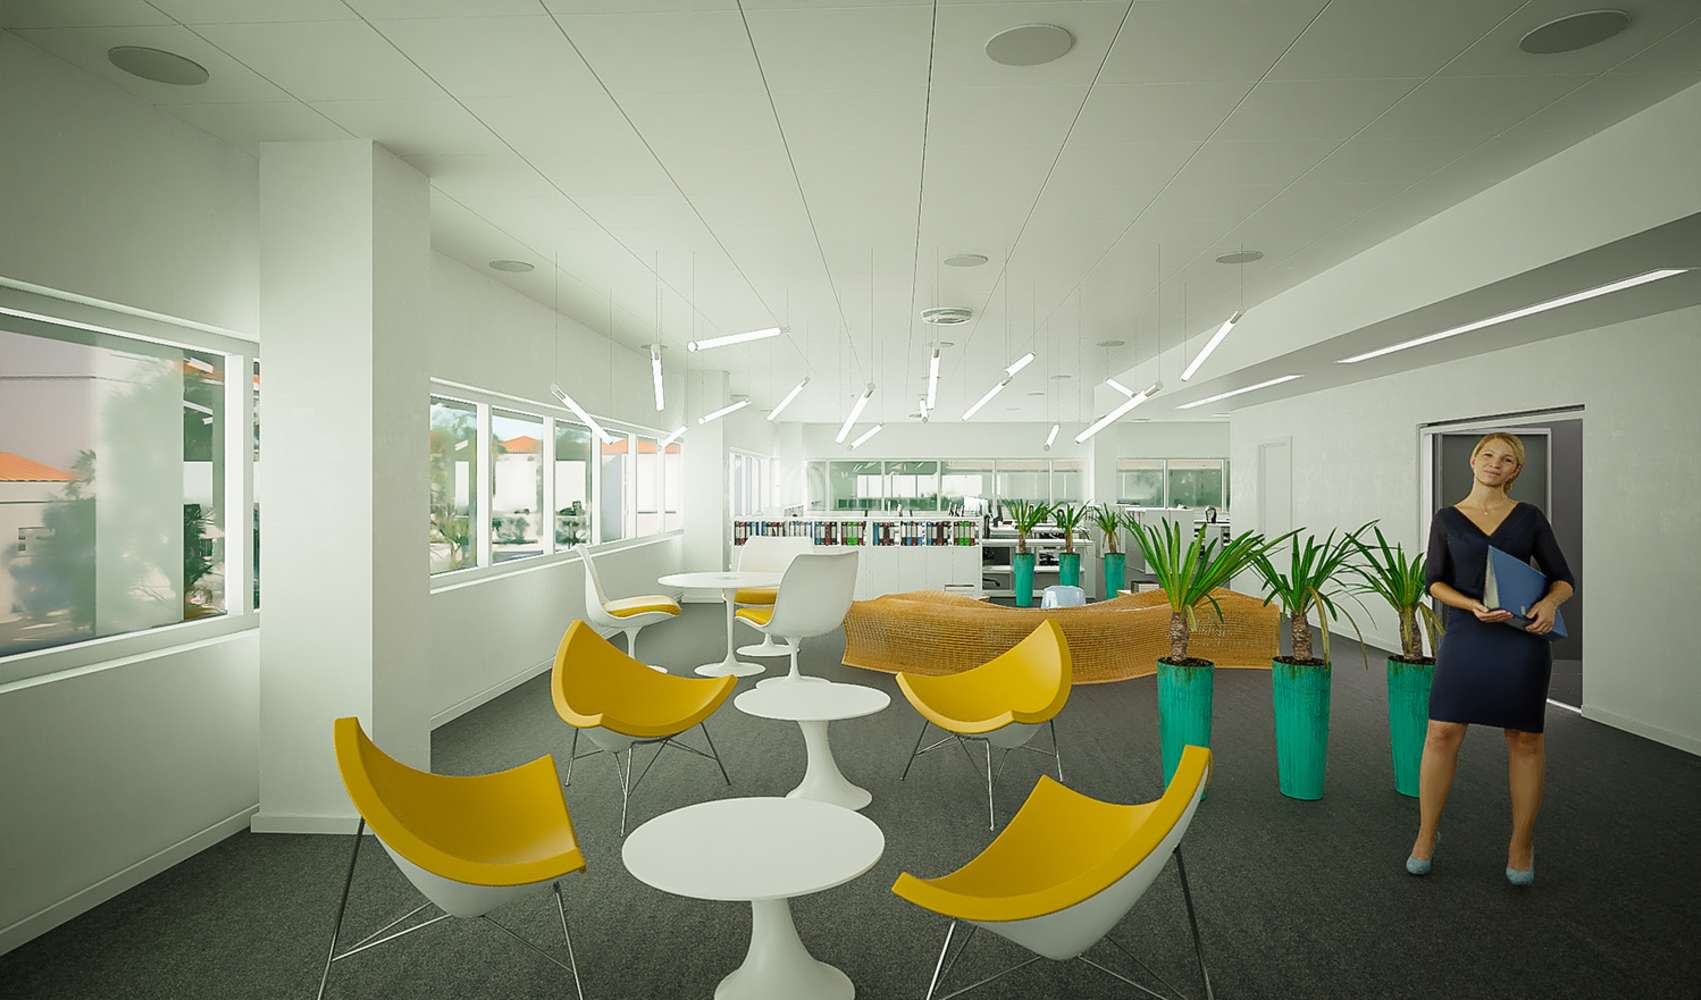 Escritórios S. domigos rana, 2789-524 - Alagoa Office & Retail Center